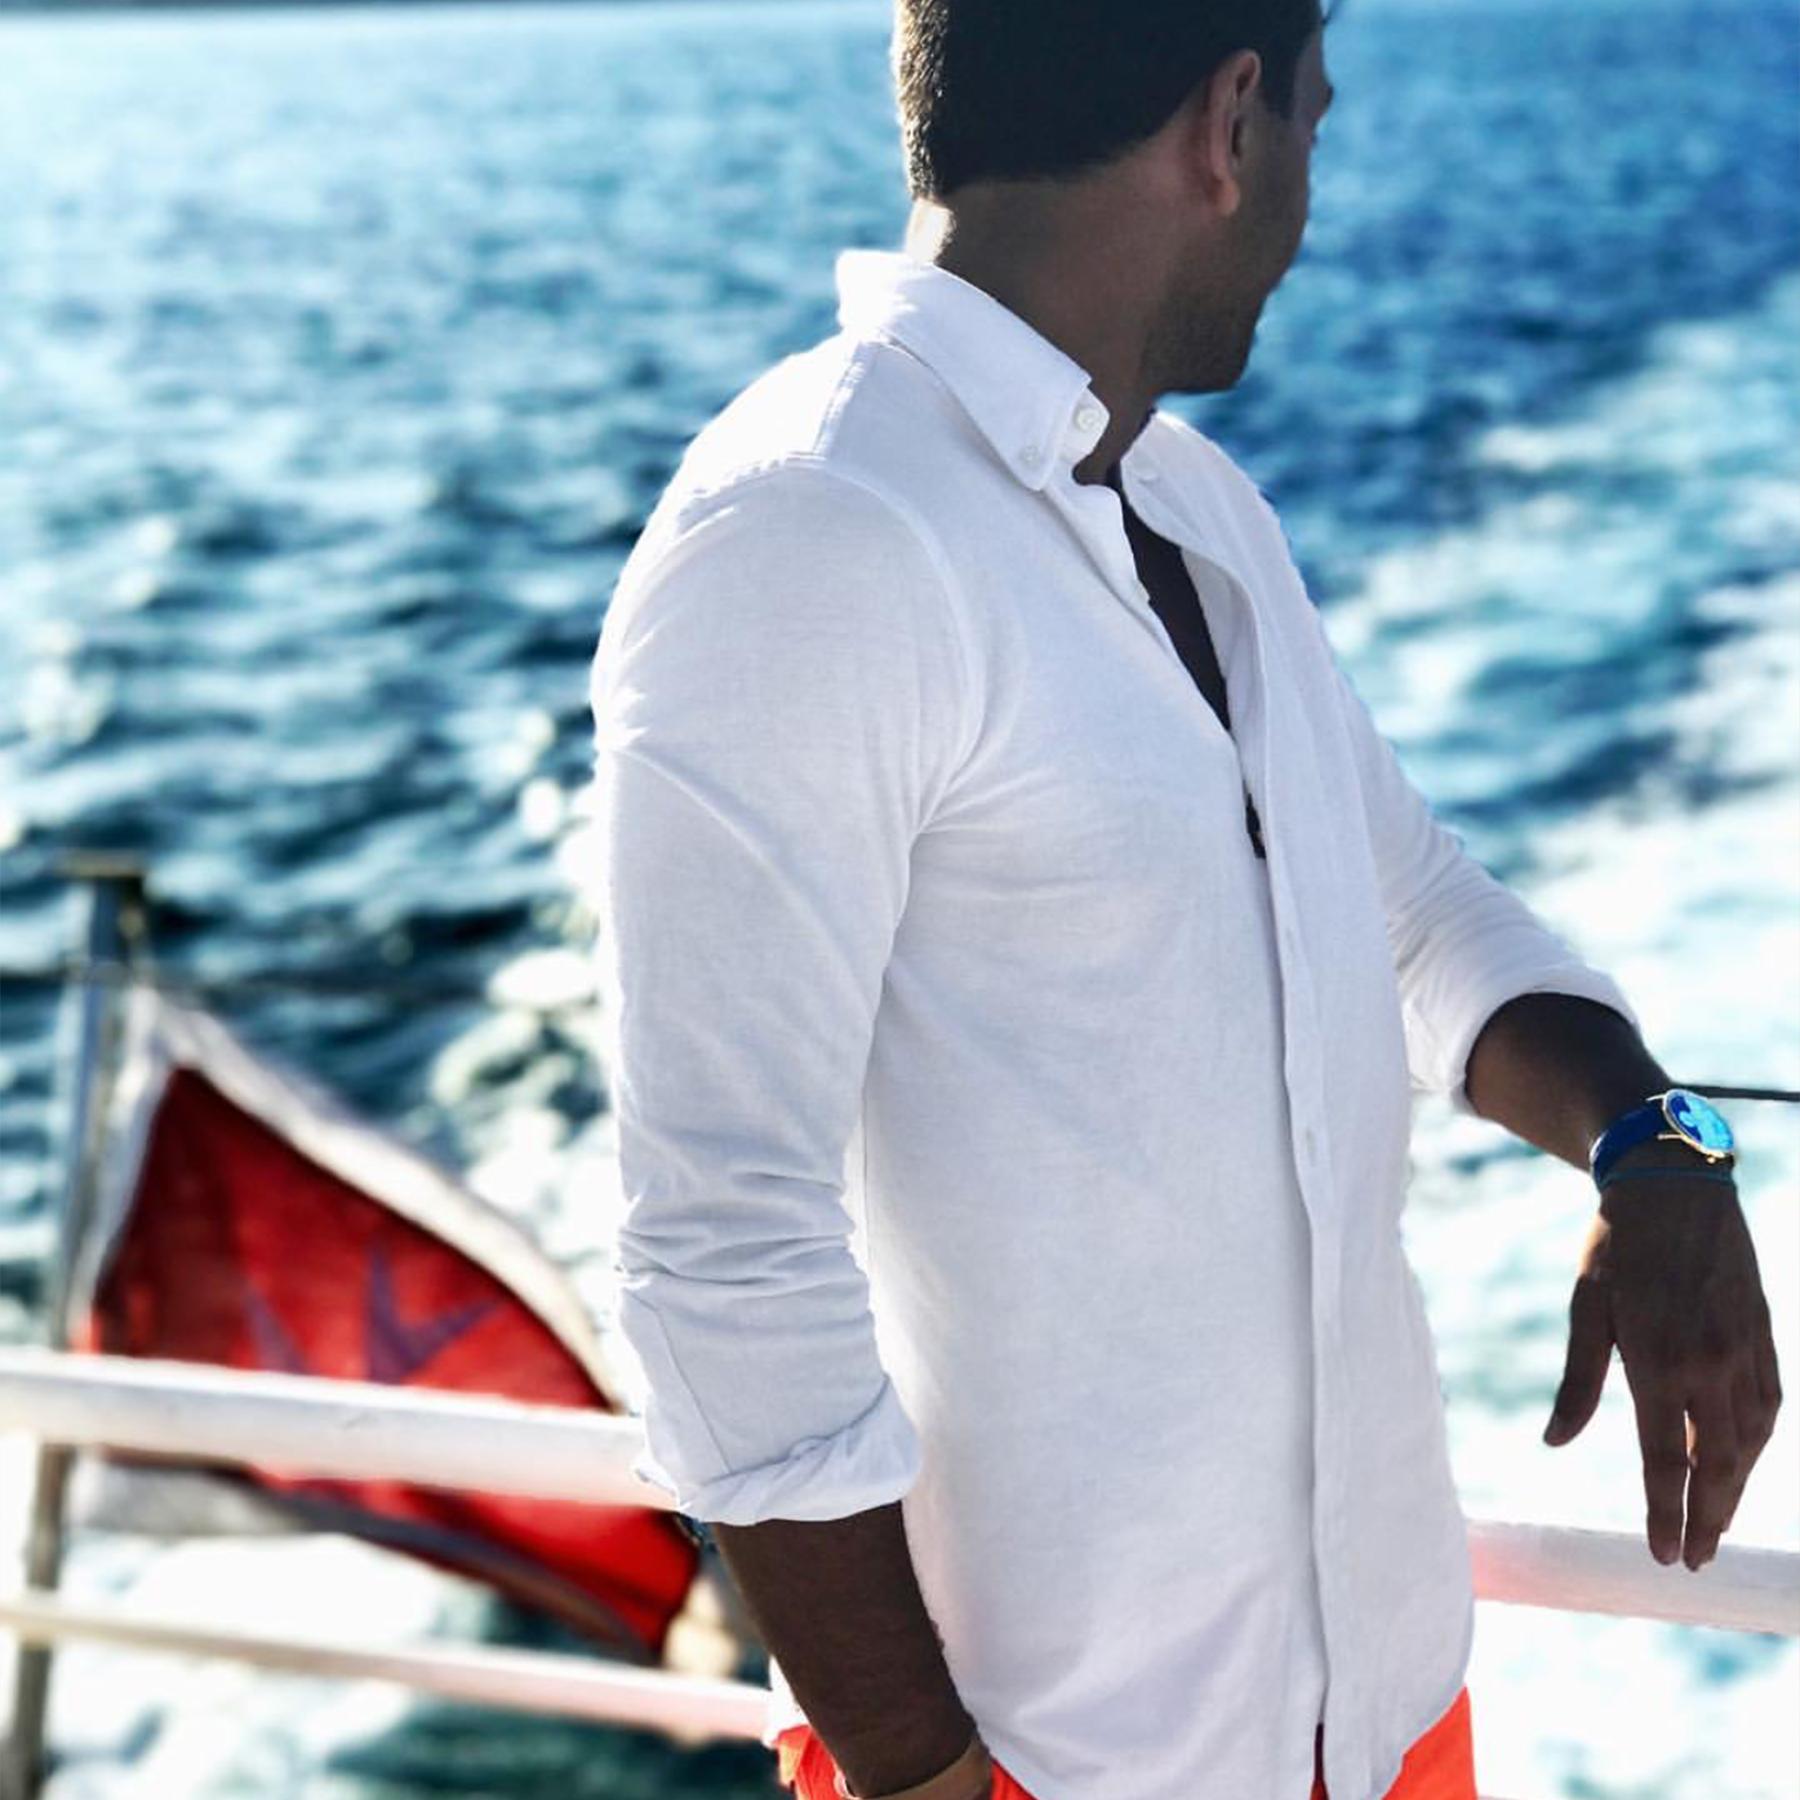 Kille vit skjorta klocka på båt